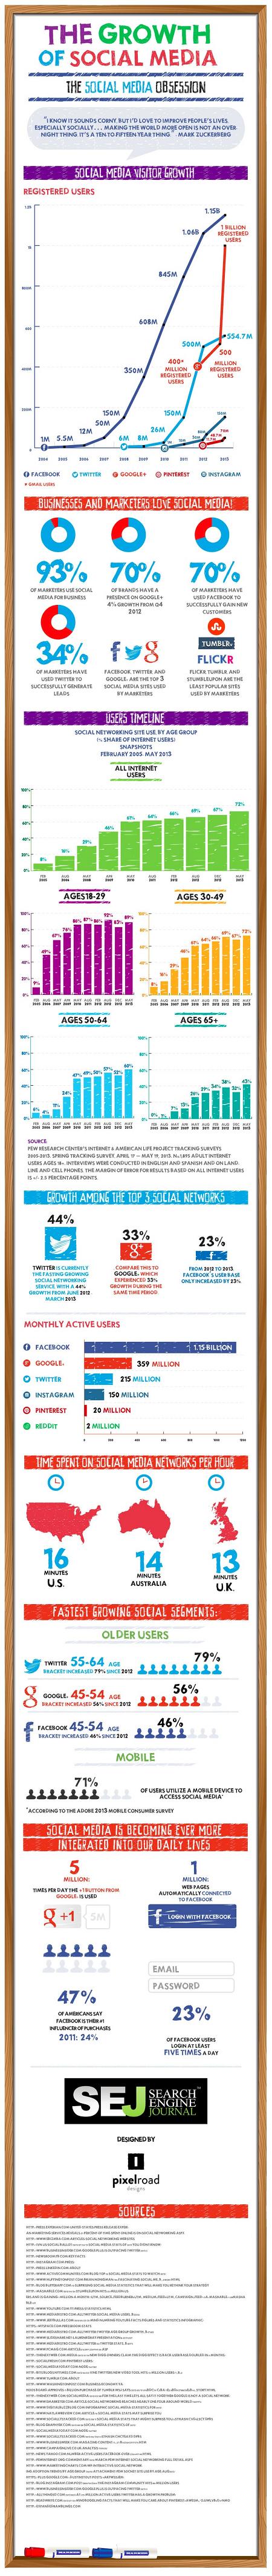 statistiques-reseaux-sociaux-2014